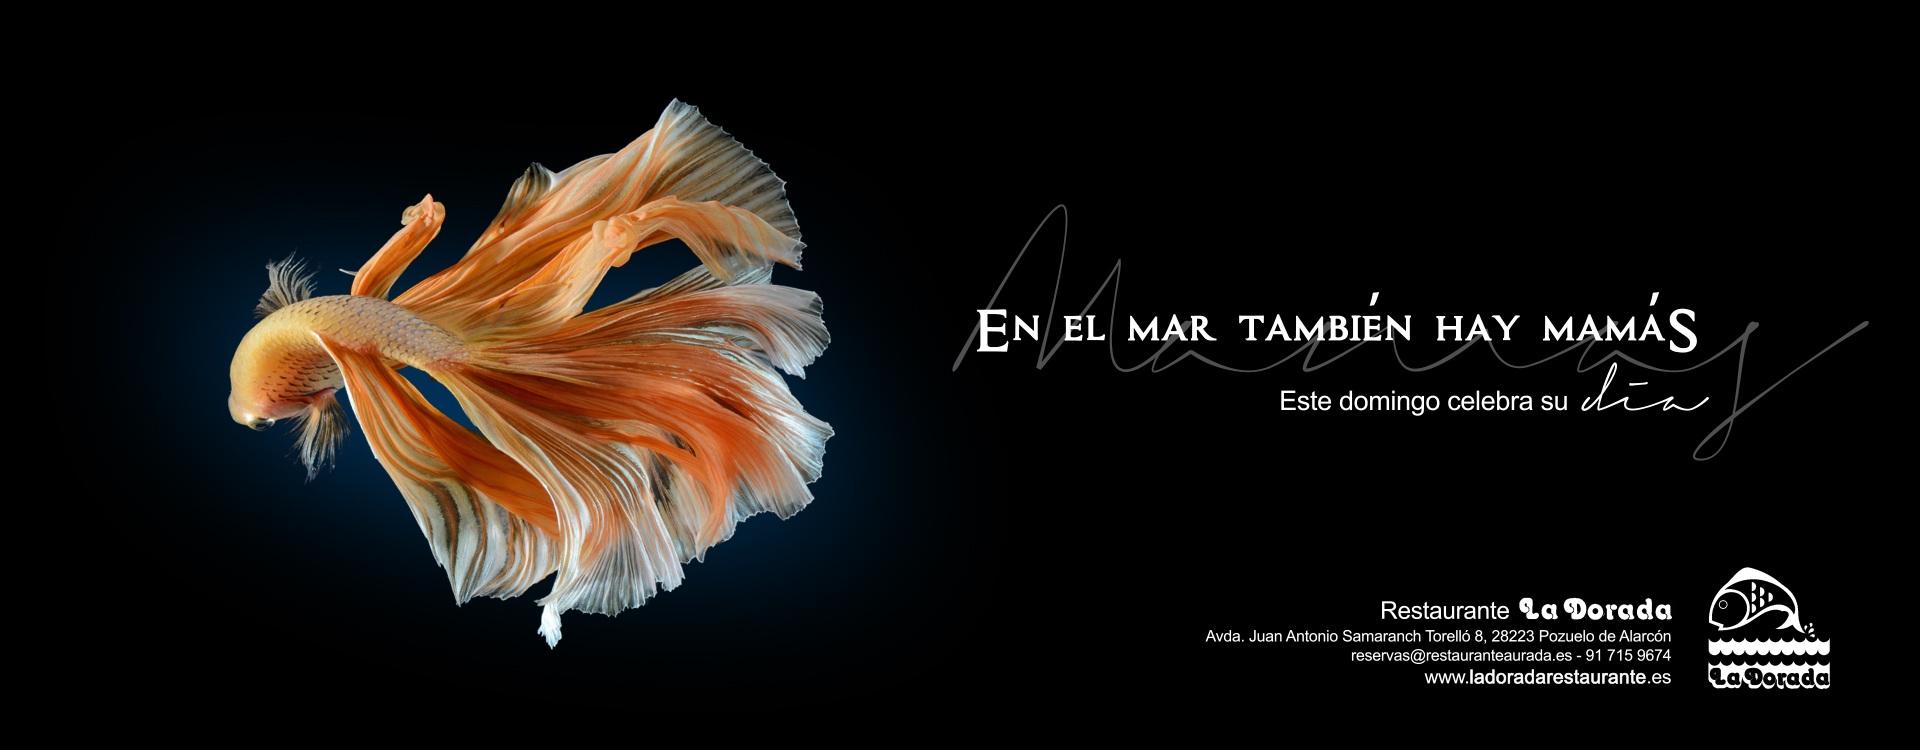 Diseño cartel publicitario restaurante La Dorada